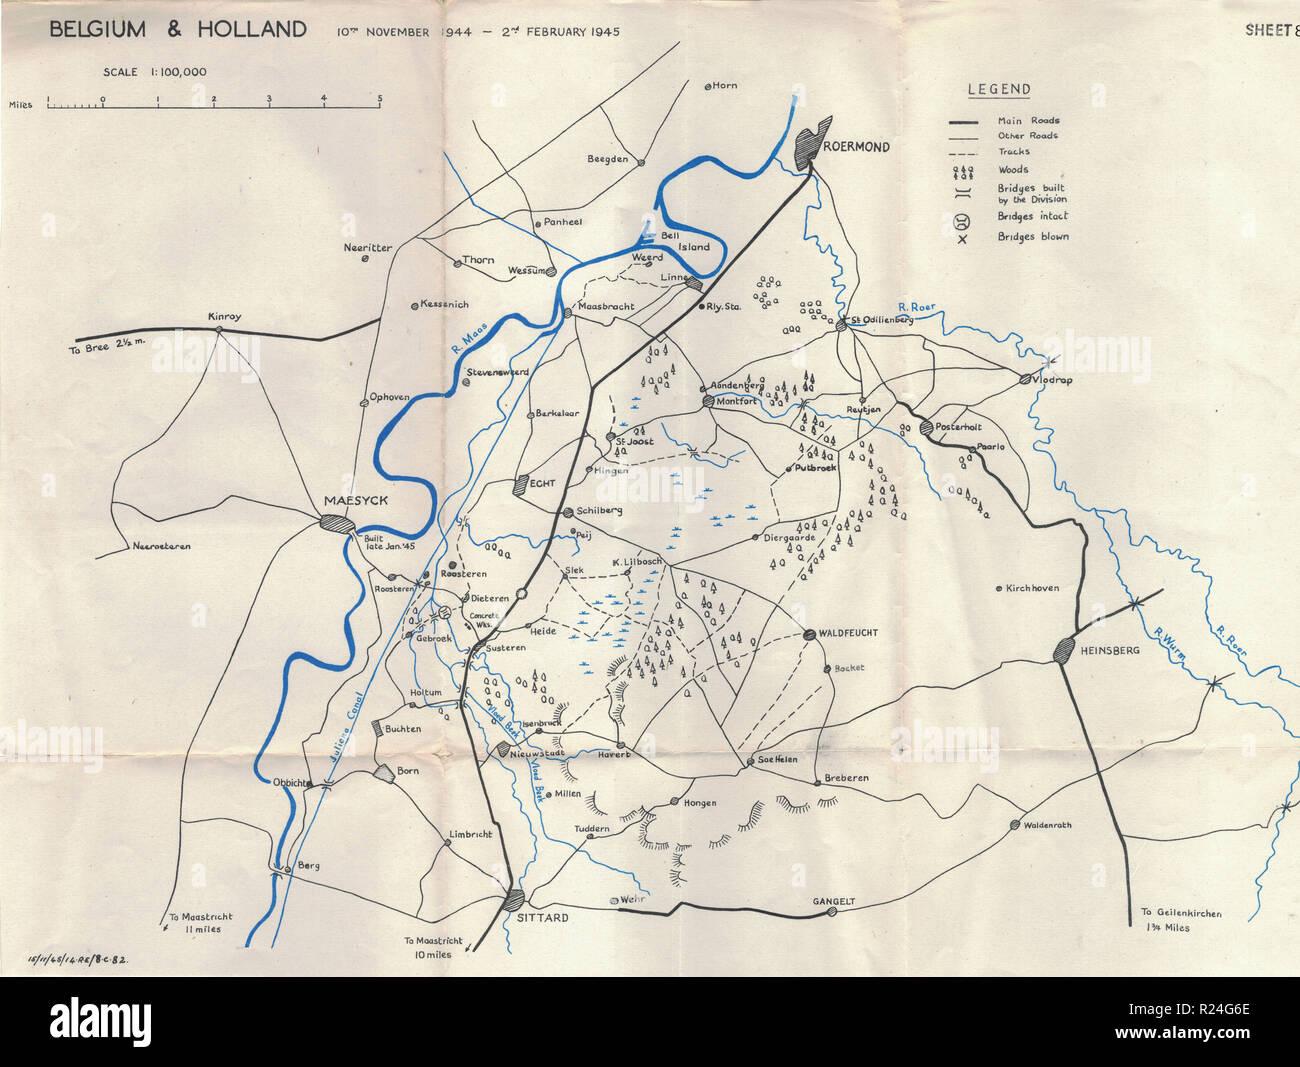 Guerra Mundial 2 mapas de campaña europea de 1945, Bélgica y Holanda Imagen De Stock